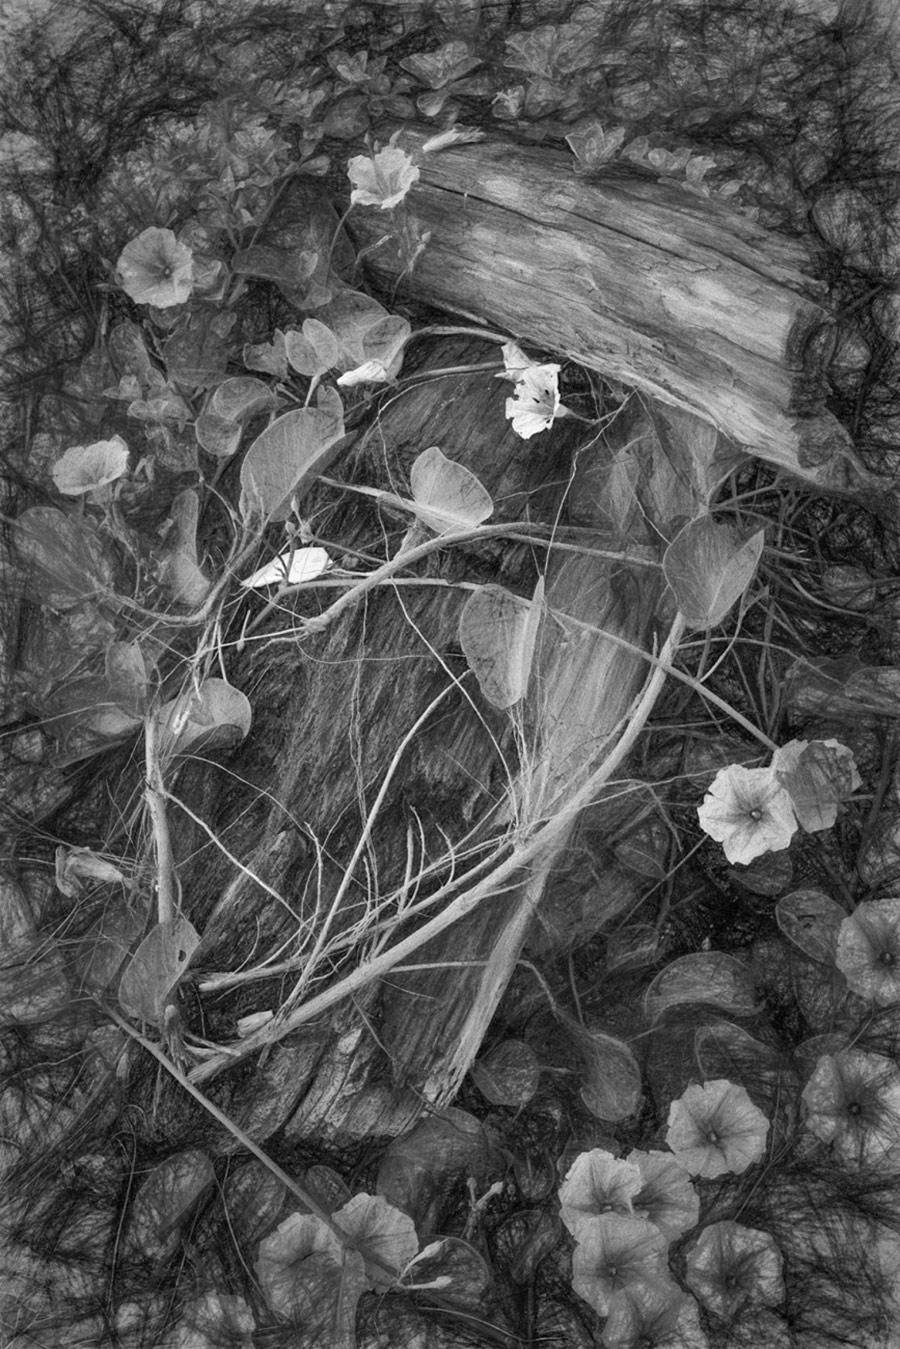 Живая утренняя красота, © Ǒ�卿 ƈ�, 3-е место в категории «Абстракция и современность», непрофессионал, Фотоконкурс «Зебра» — Zebra — Чёрно-белый фотограф года